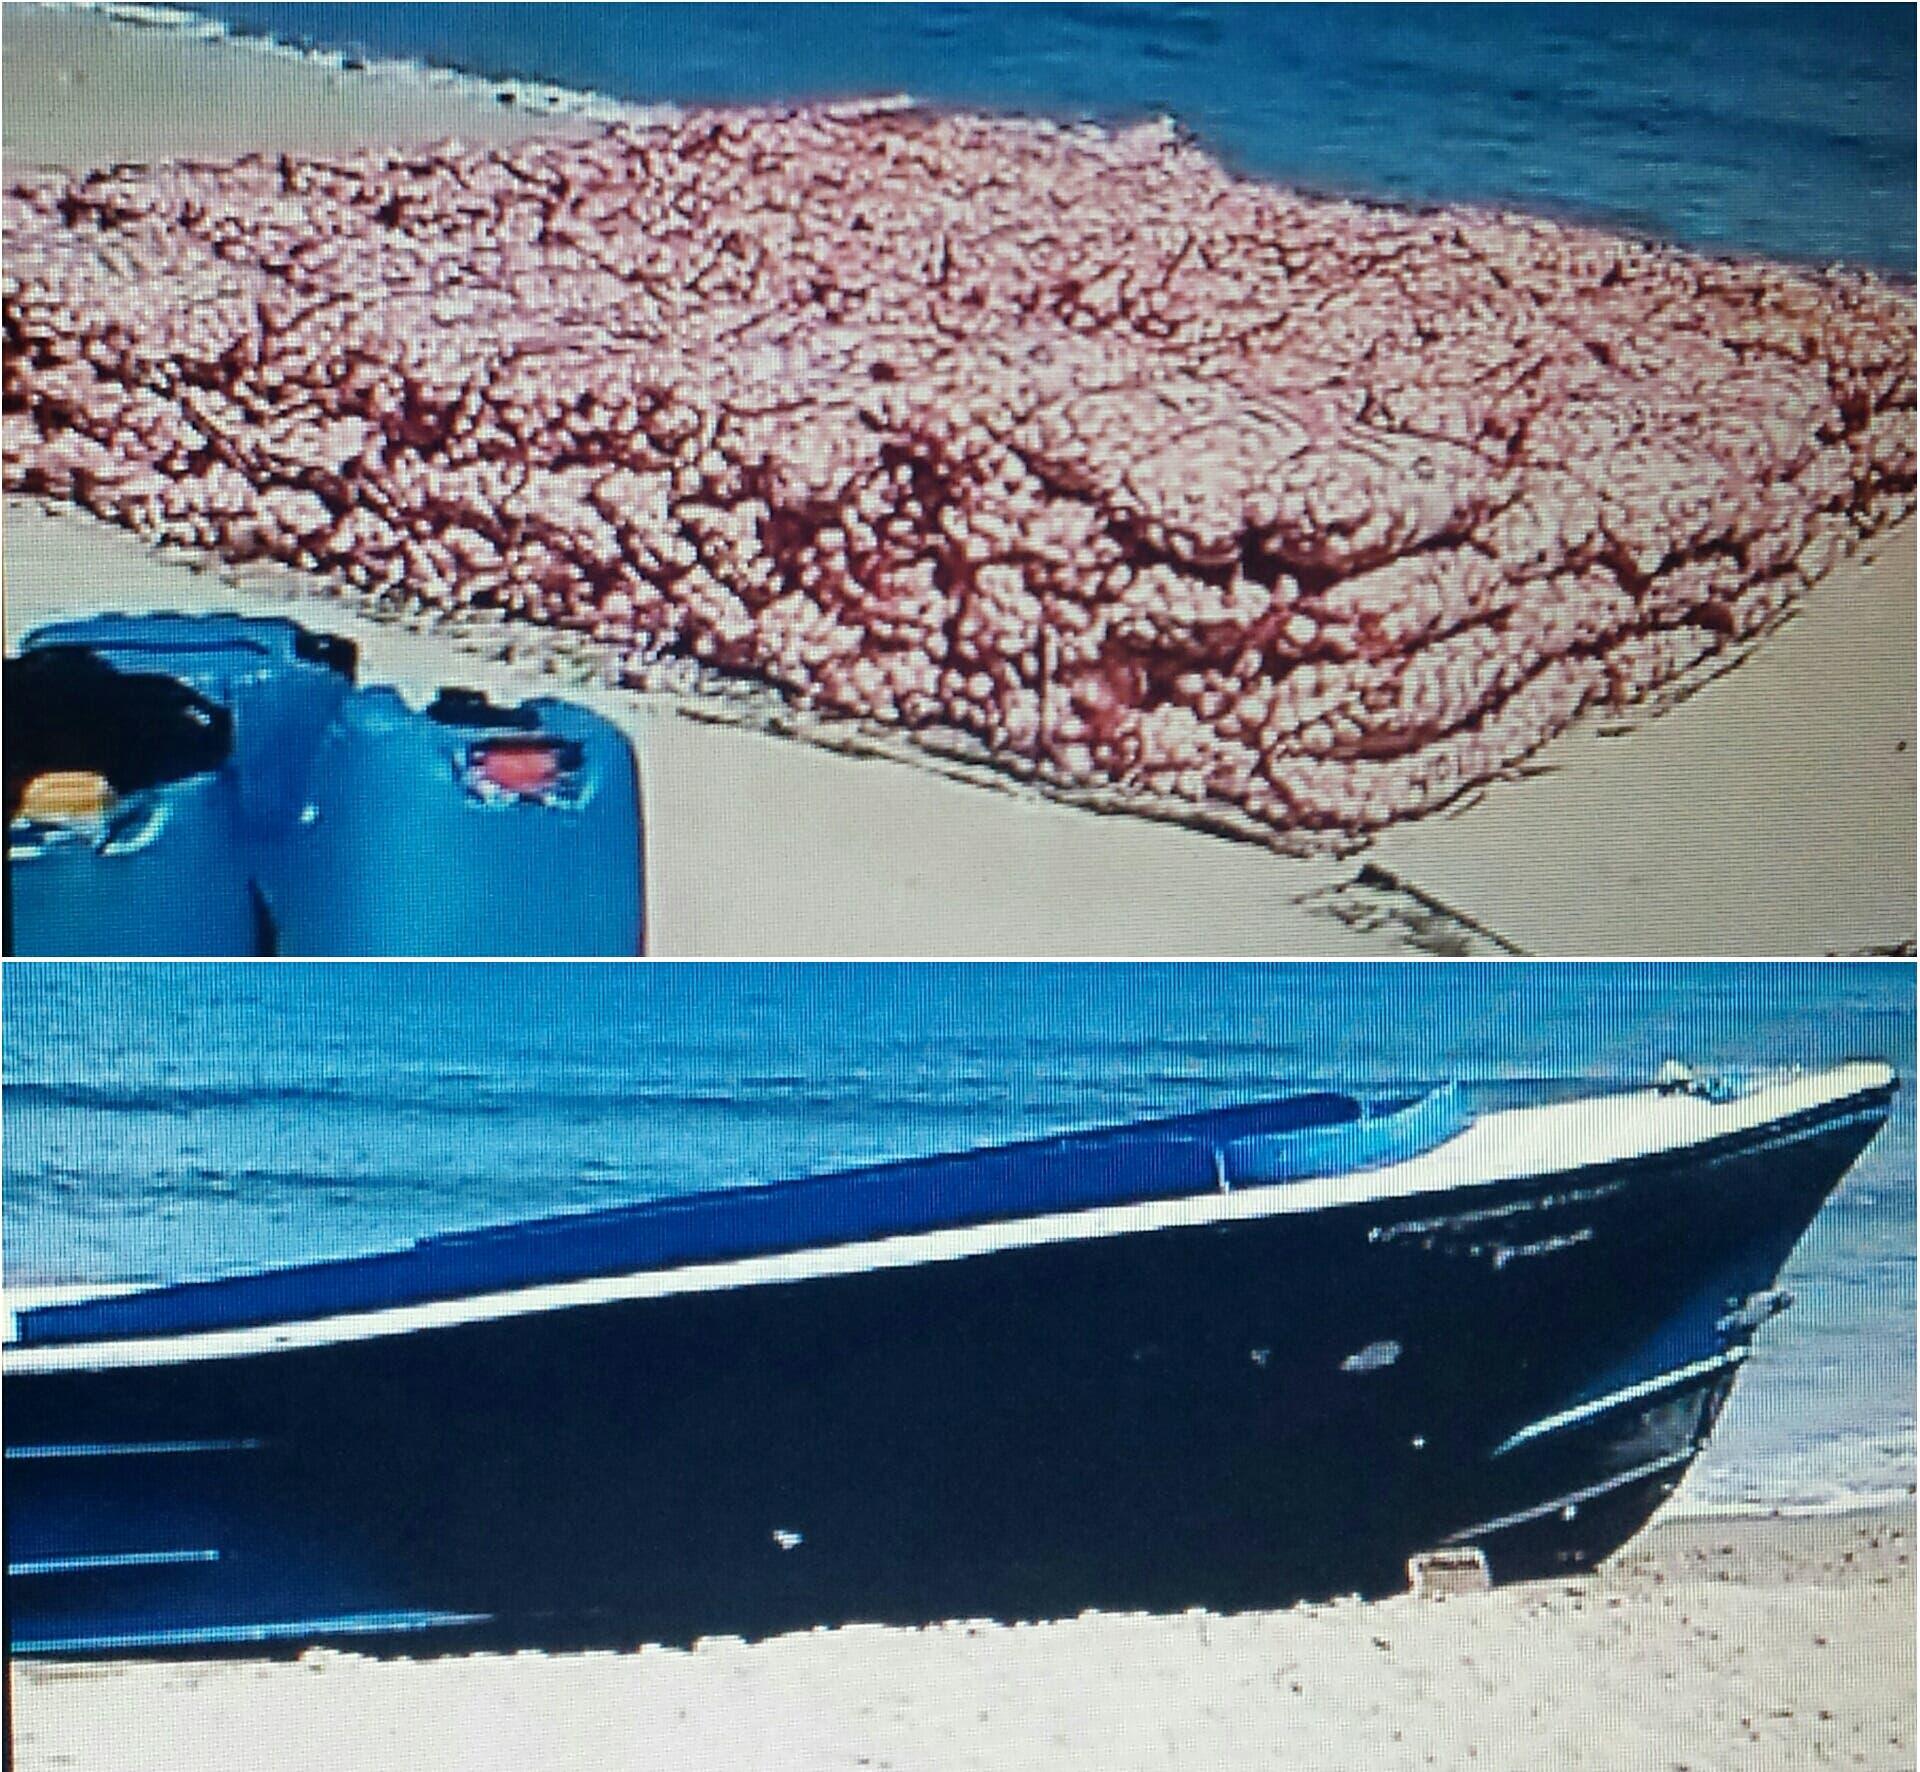 sale-yola-con-cargamento-ilegal-de-ajo-procedente-de-haiti-en-playa-cambiaso-de-puerto-plata